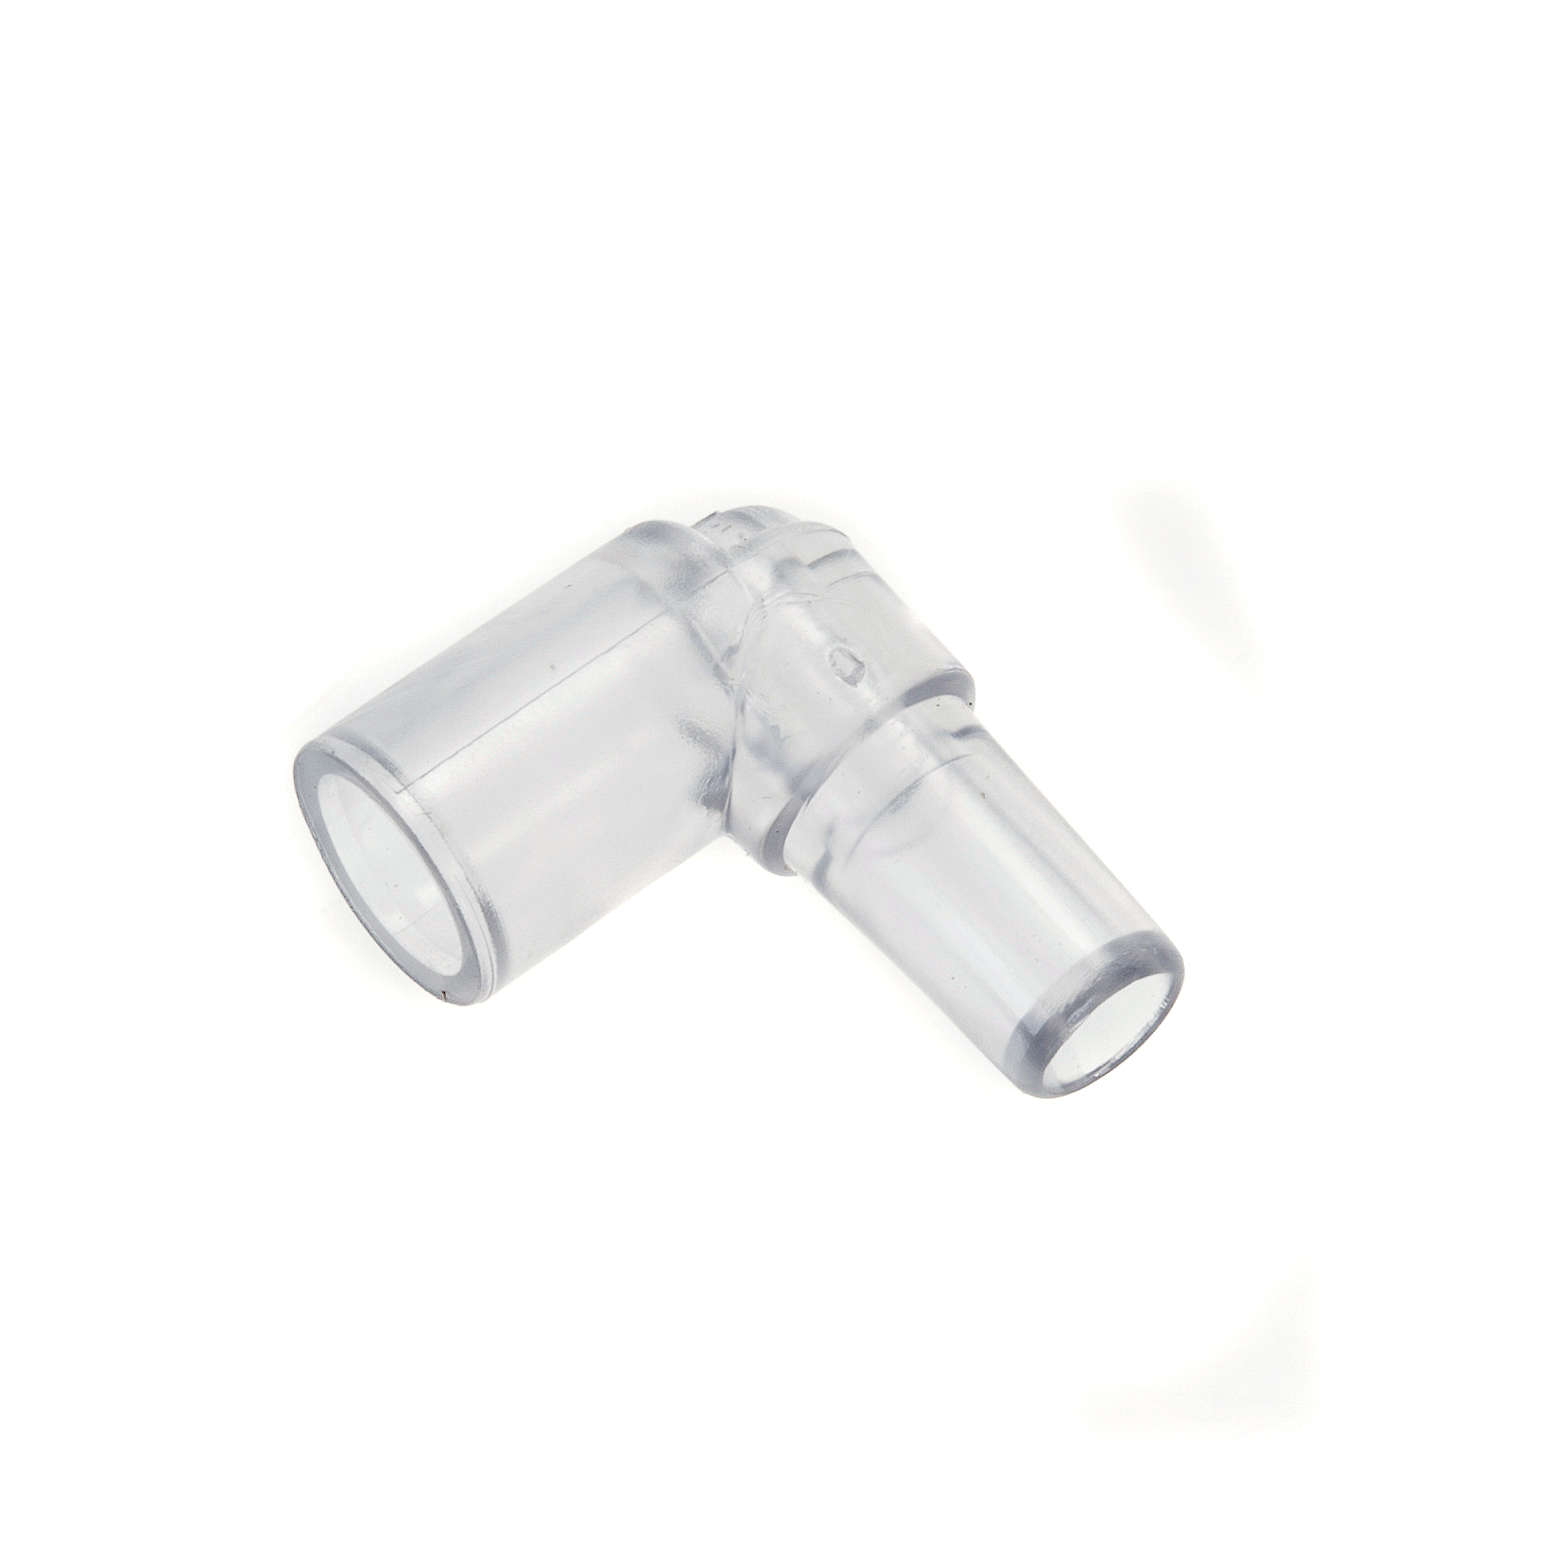 Bomba de agua belén: empalme para el tubo curvo 4